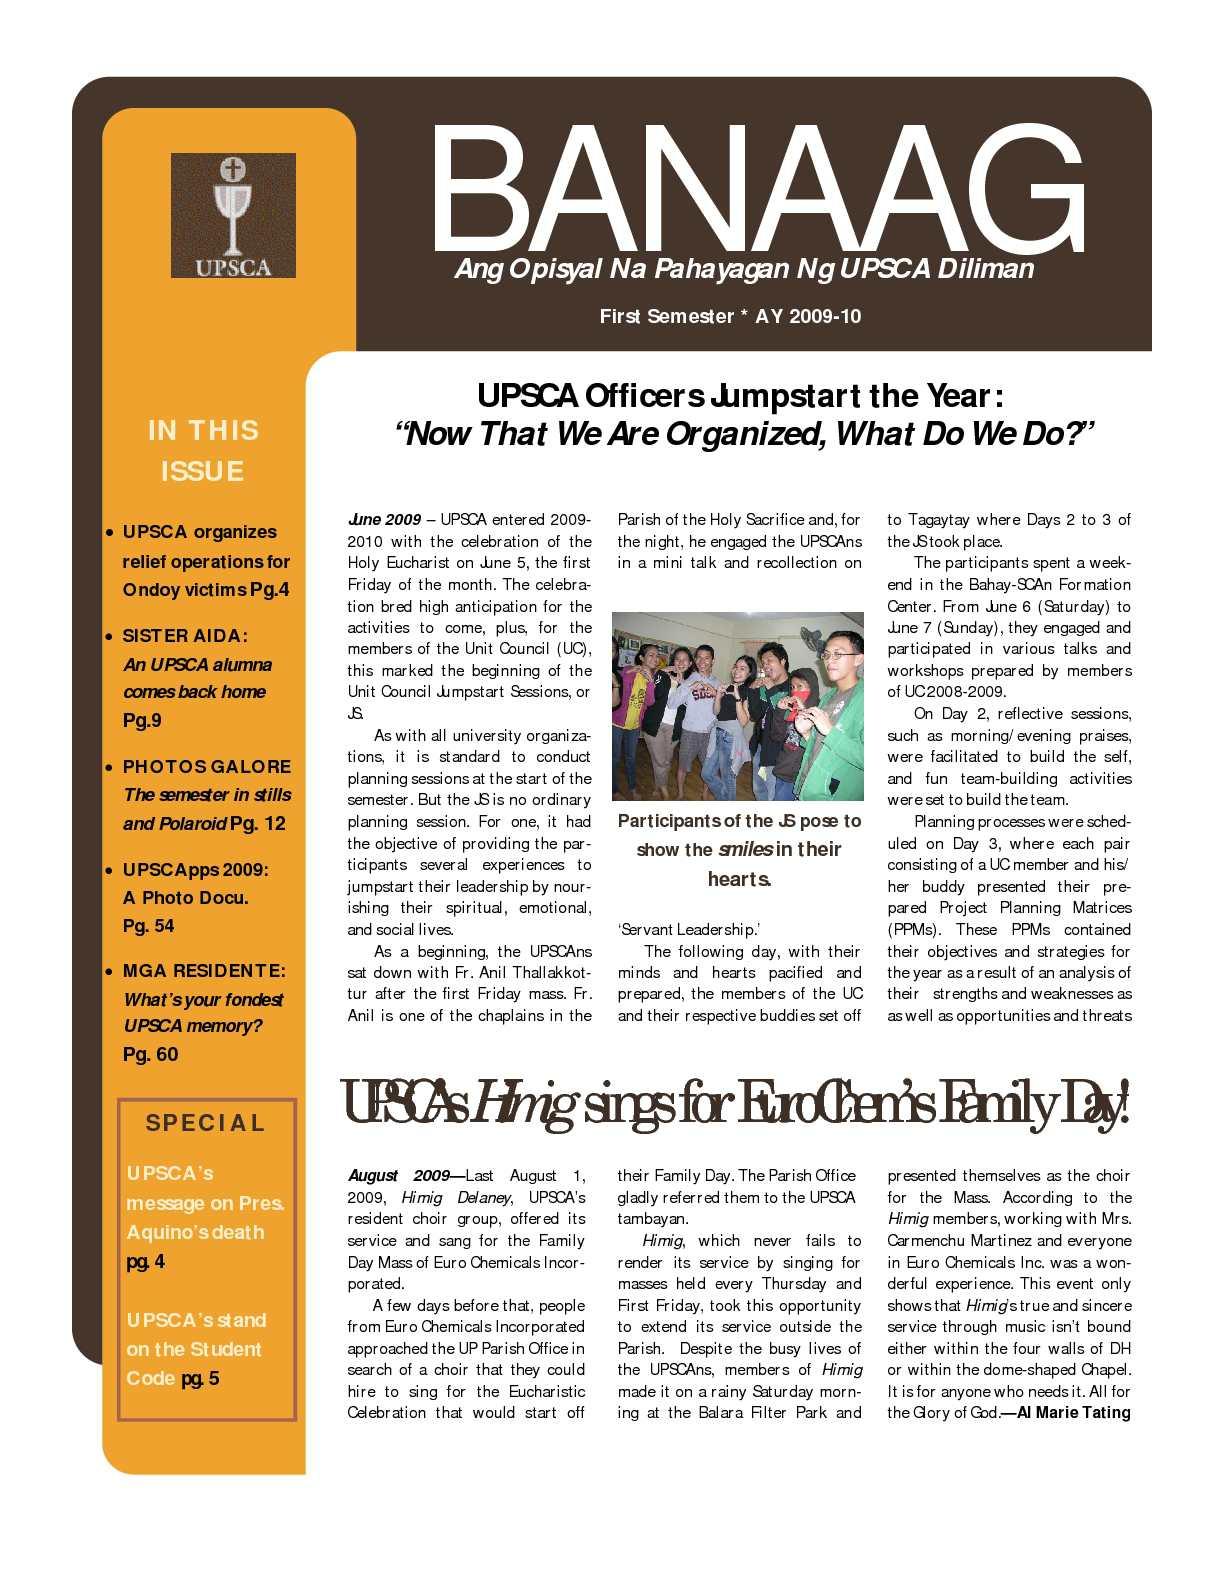 Calaméo - The BANAAG 1st Issue (1st Sem AY2009-2010)